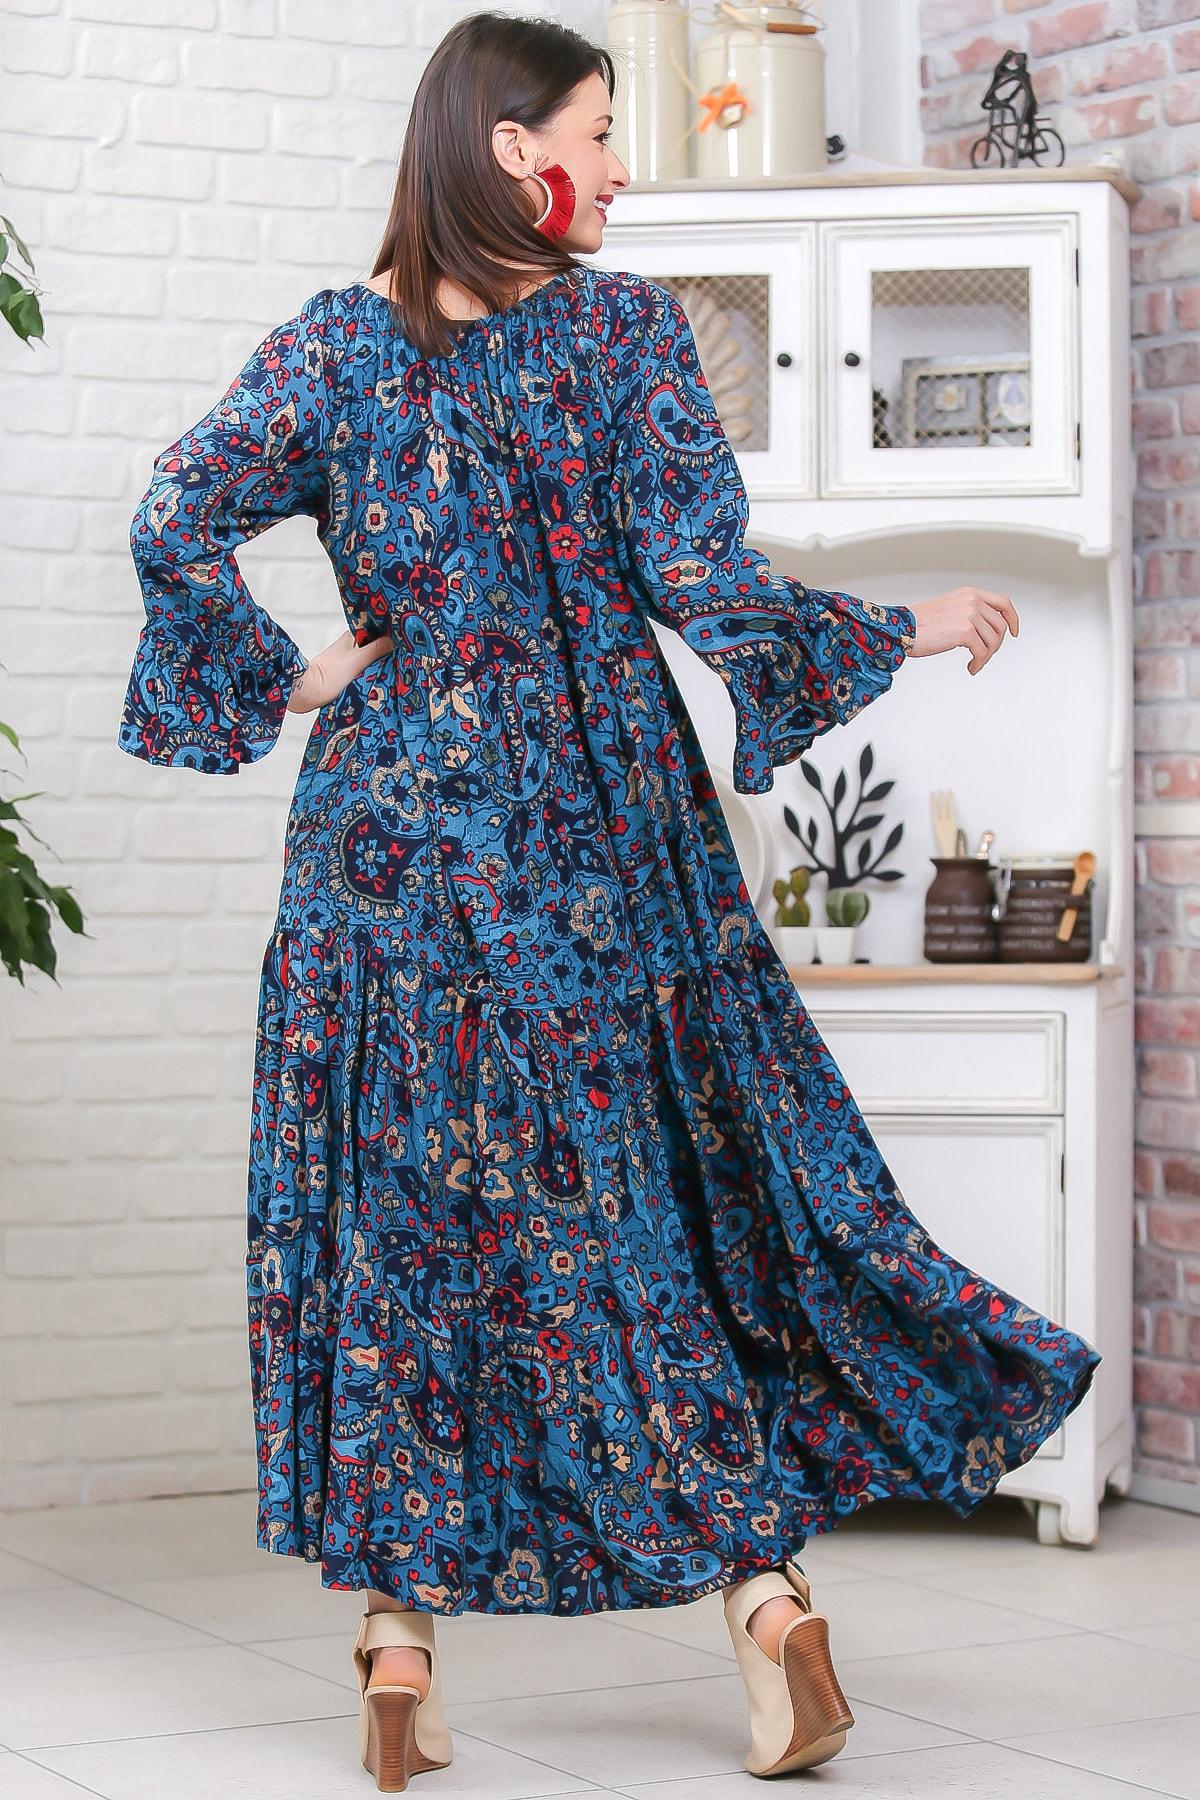 Chiccy Kadın Petrol Mavisi Bohem Çiçek Desenli Kolları Volanlı Dokuma Elbise M10160000EL96973 4